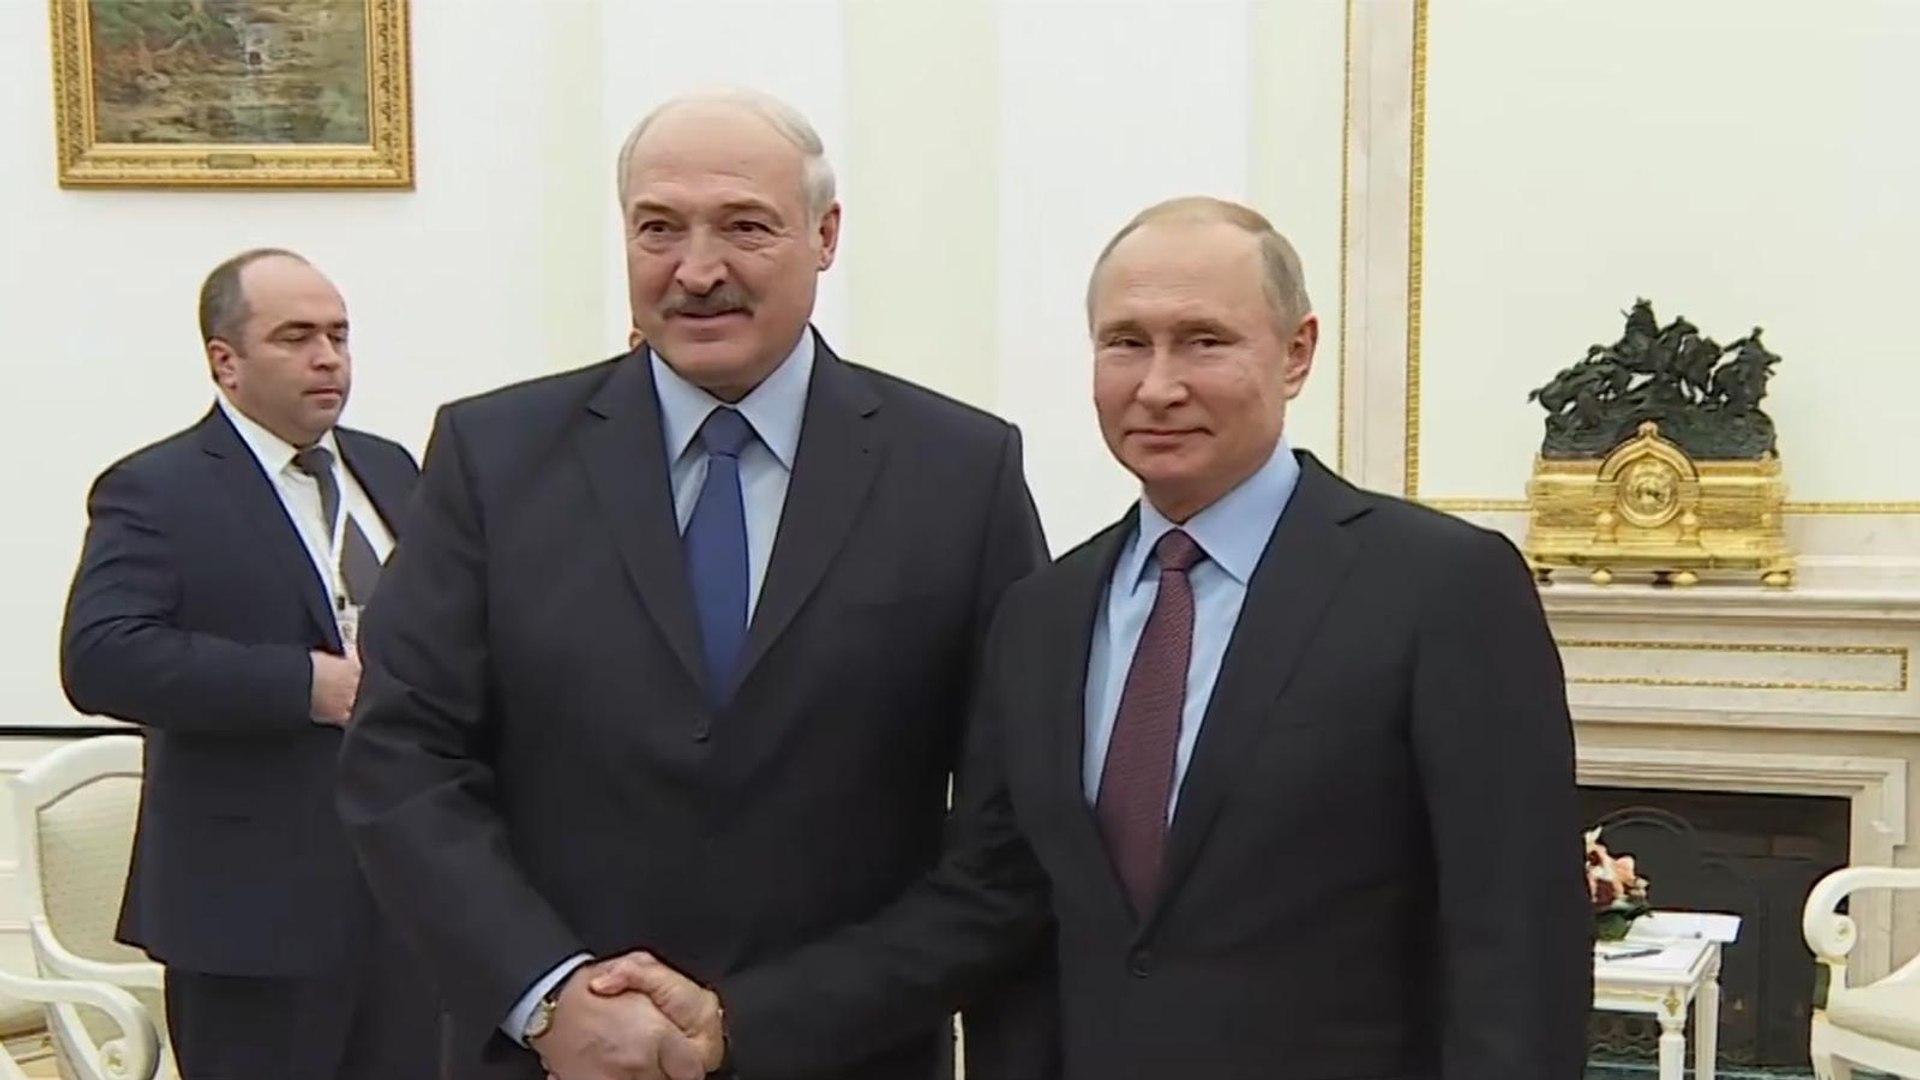 مشاكل سياسية وتجارية تثقل العلاقات بين بوتين ولوكاشينكو